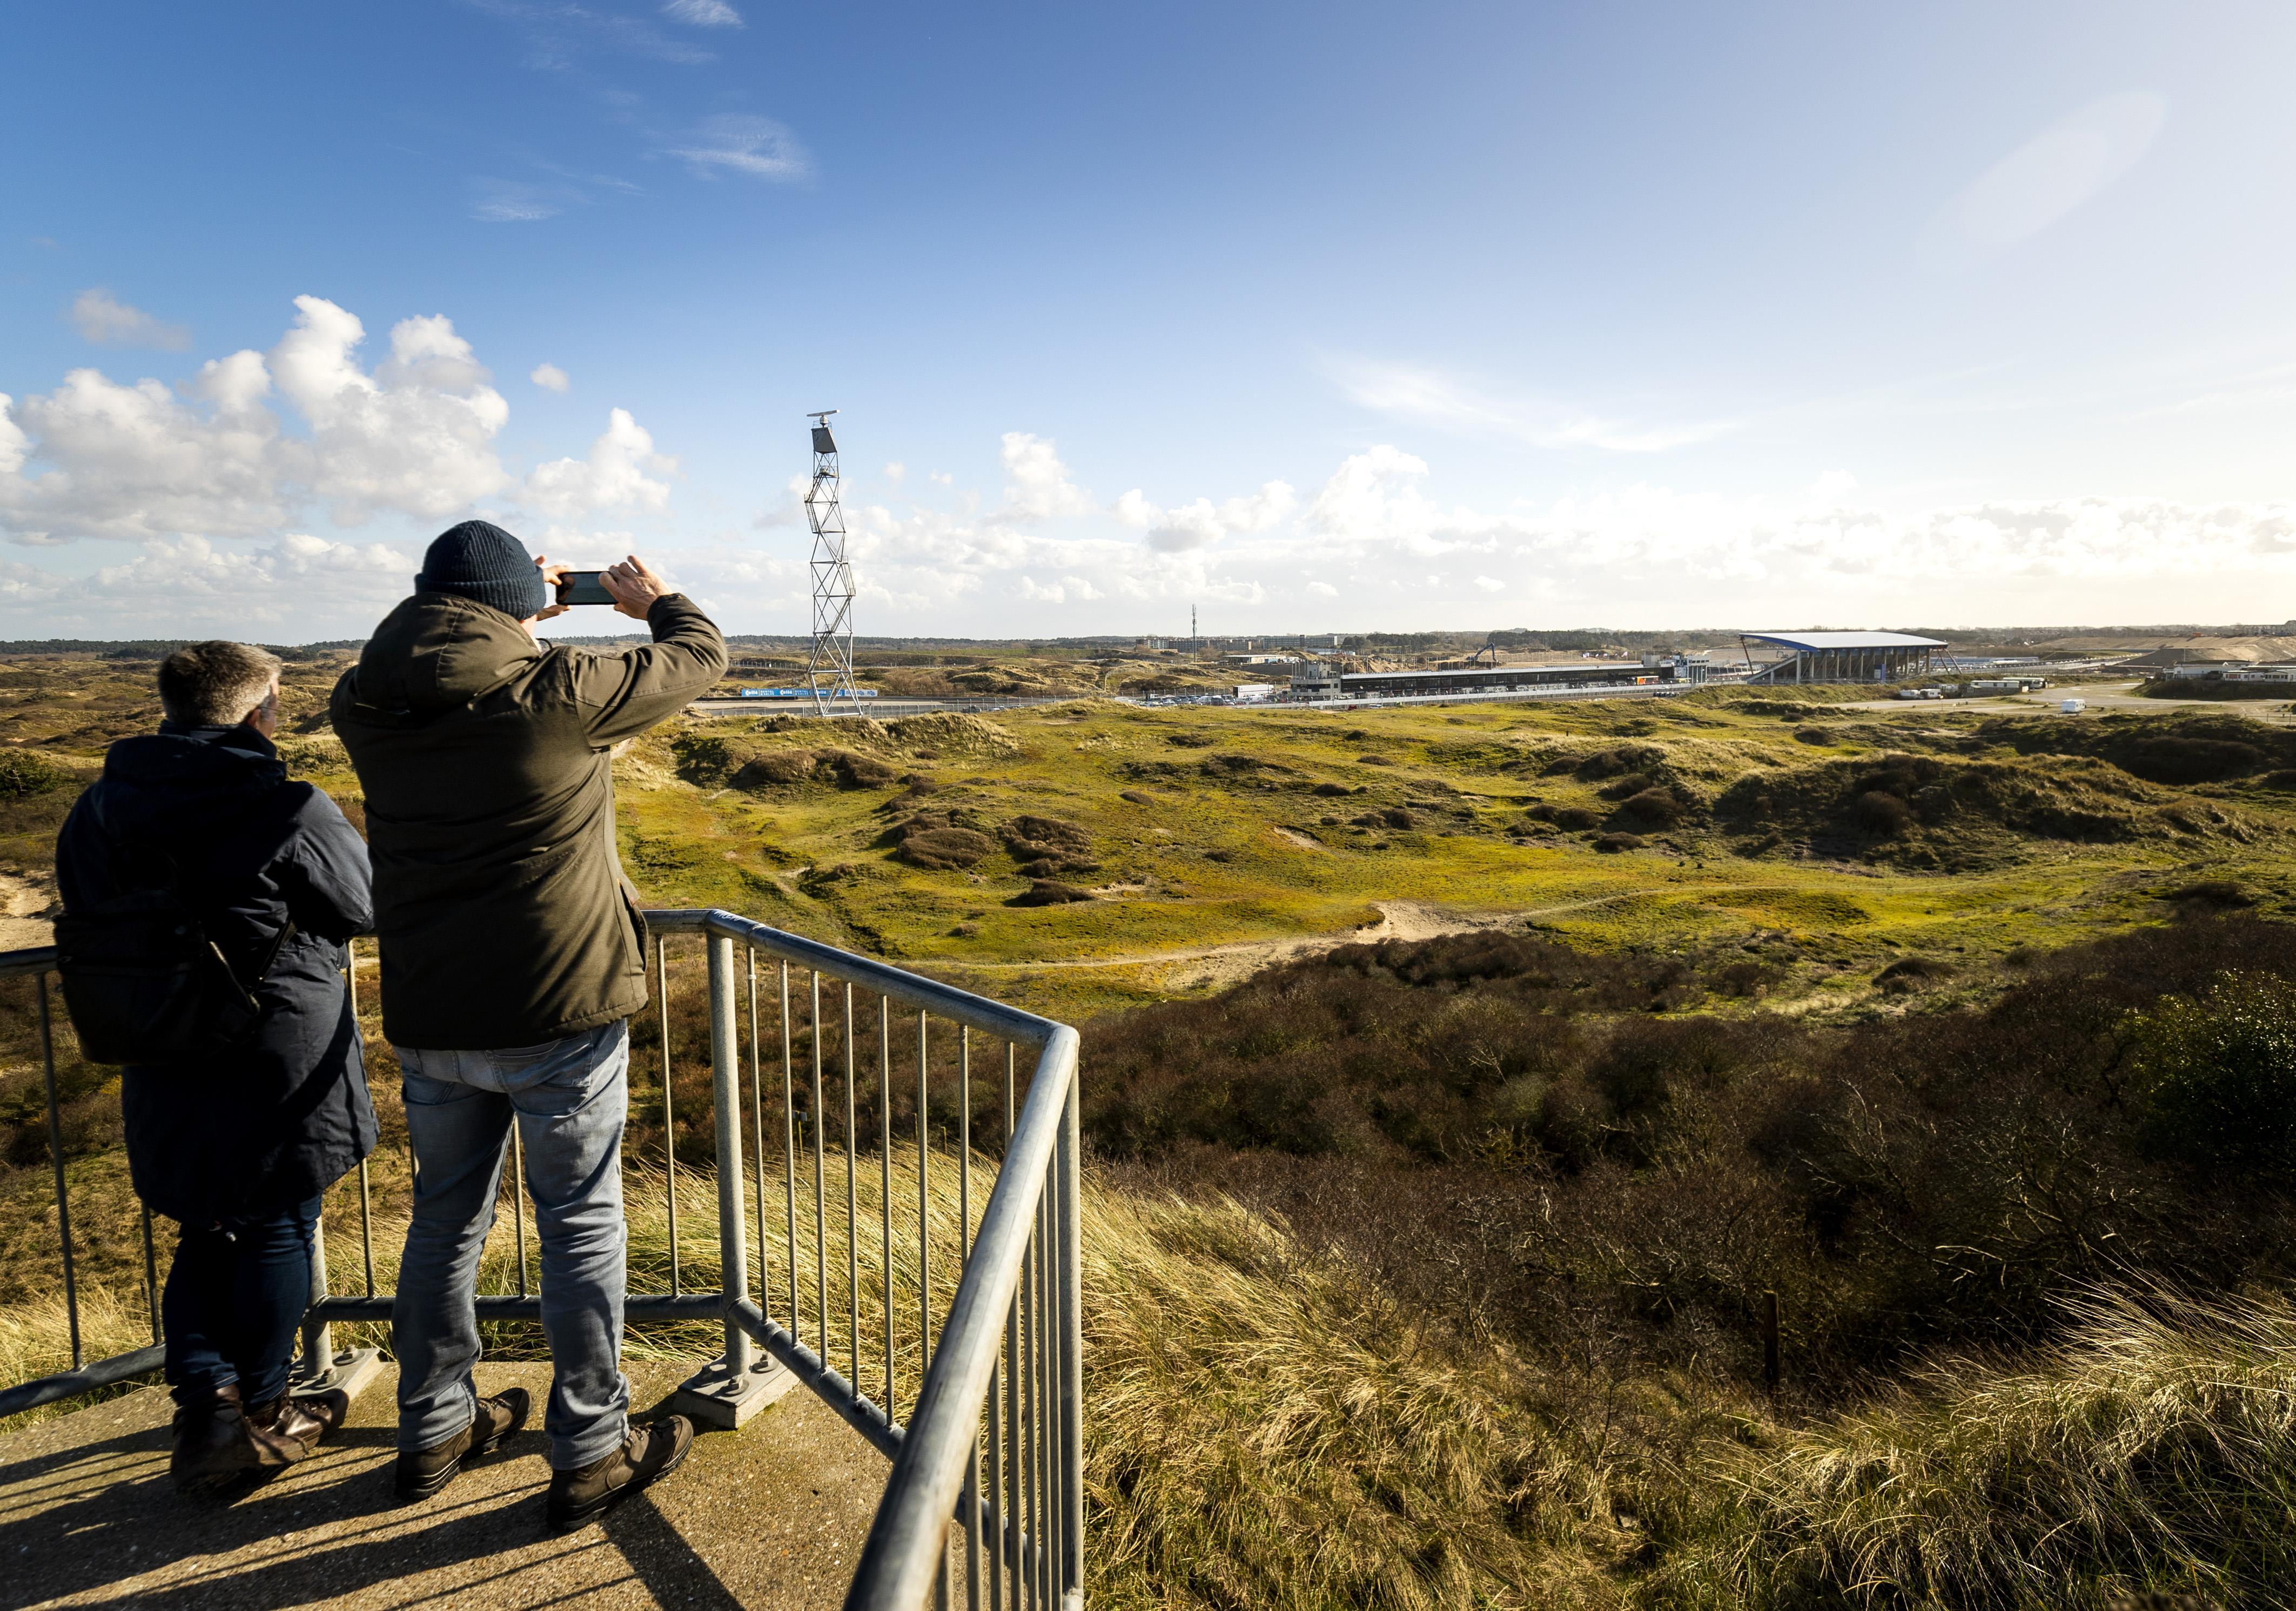 Kennemerduinen in top 5 Lawaaiigste Stiltegebieden van Nederland: radiootje mag niet, raceauto wel